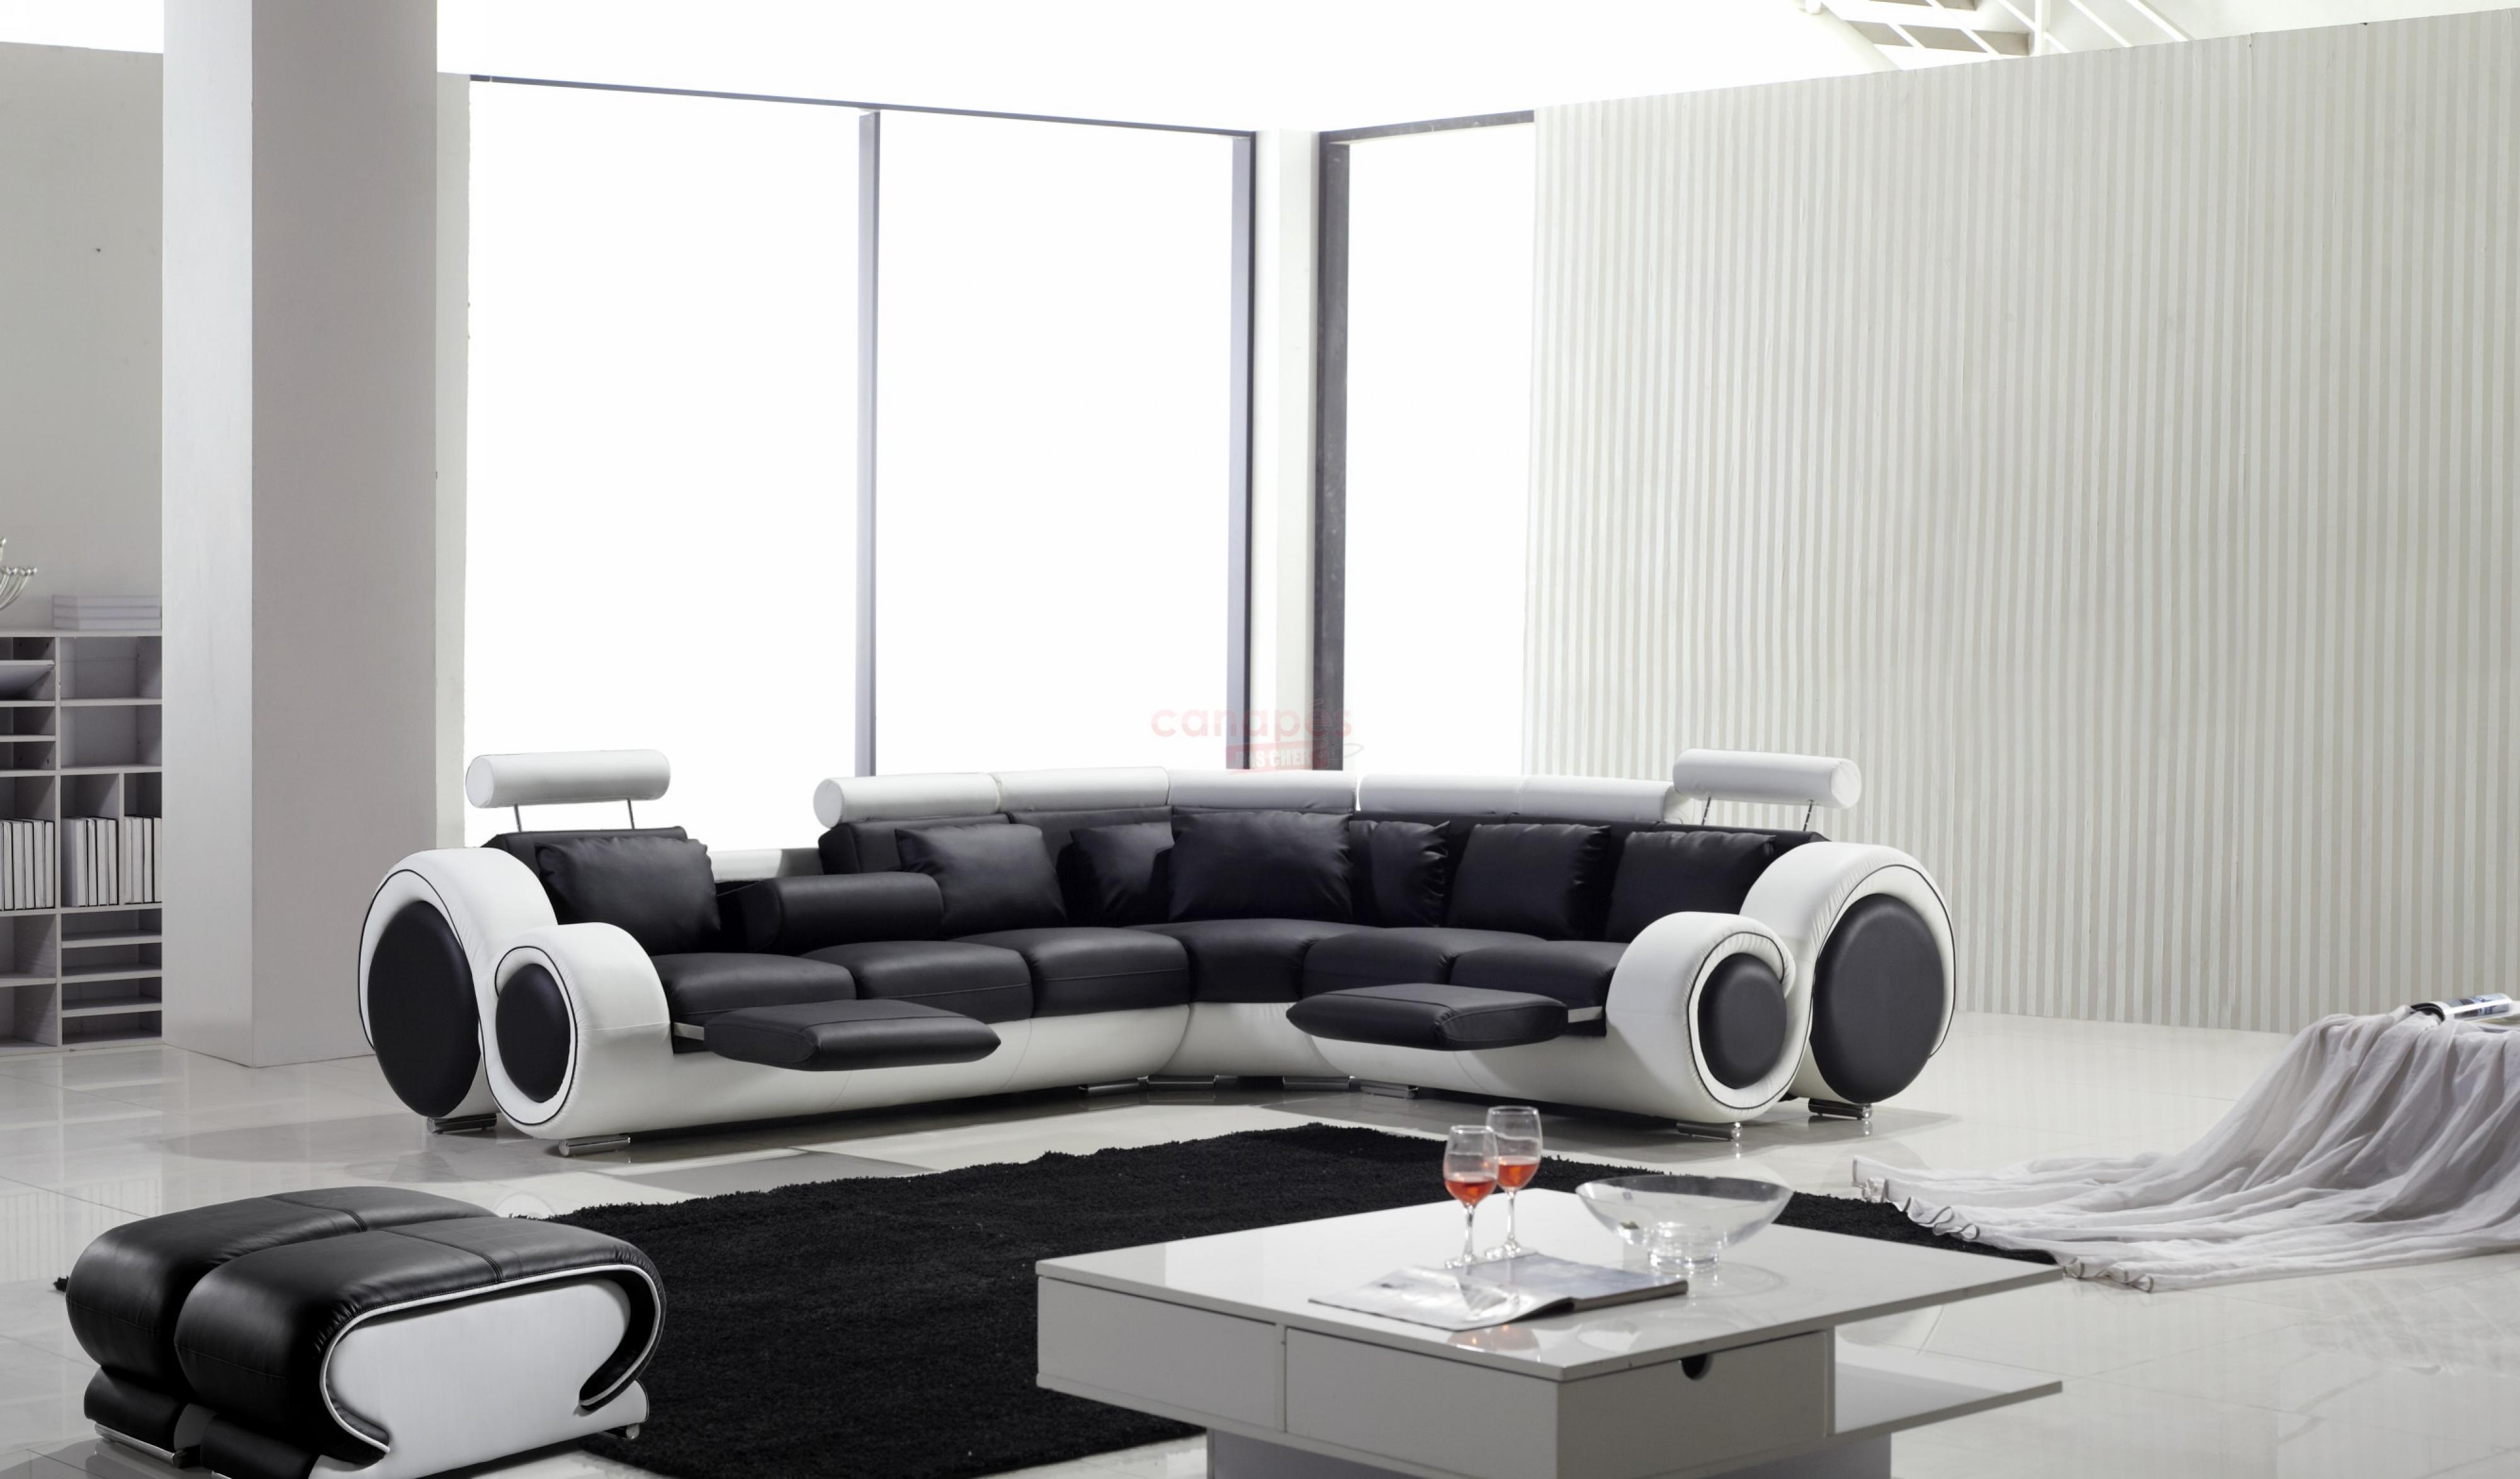 Photos canap d 39 angle design noir et blanc - Canaper noir et blanc ...